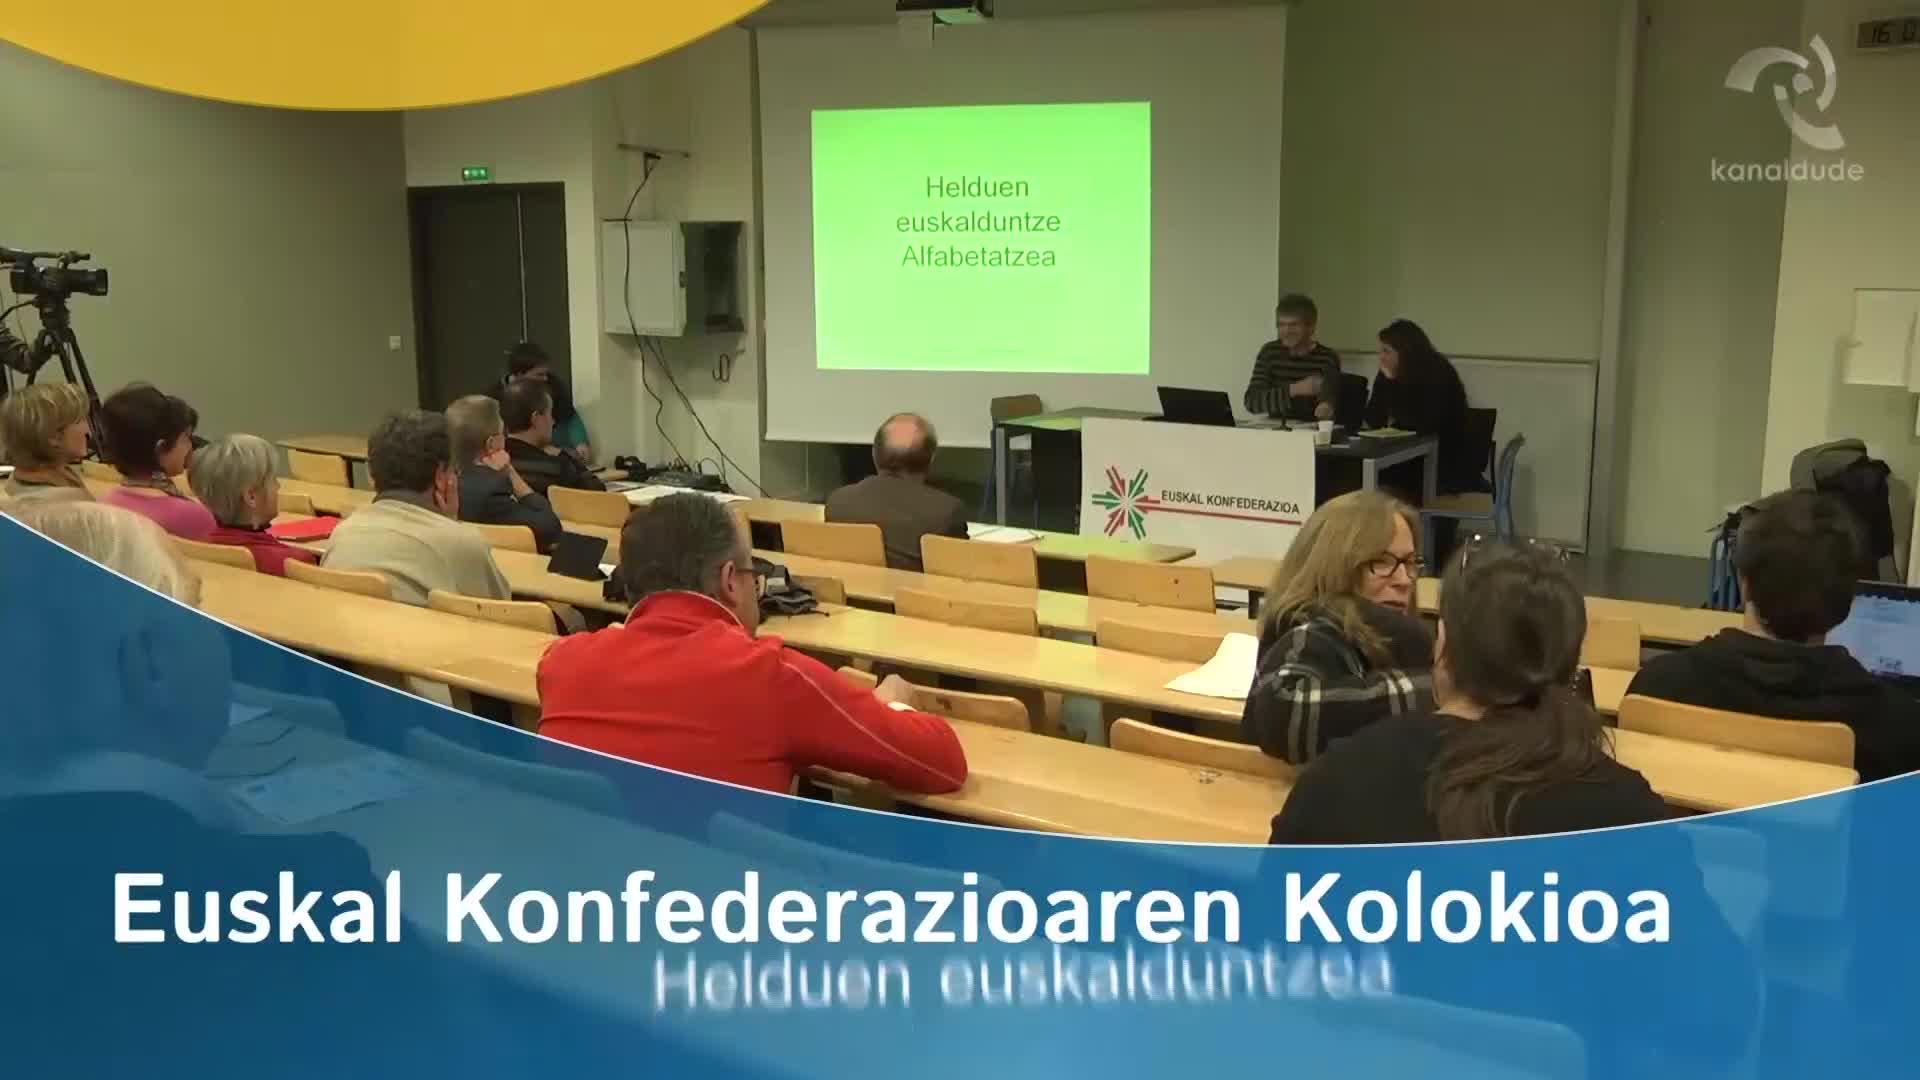 """""""Euskara 2020"""" kolokioa: Helduen euskalduntzea"""